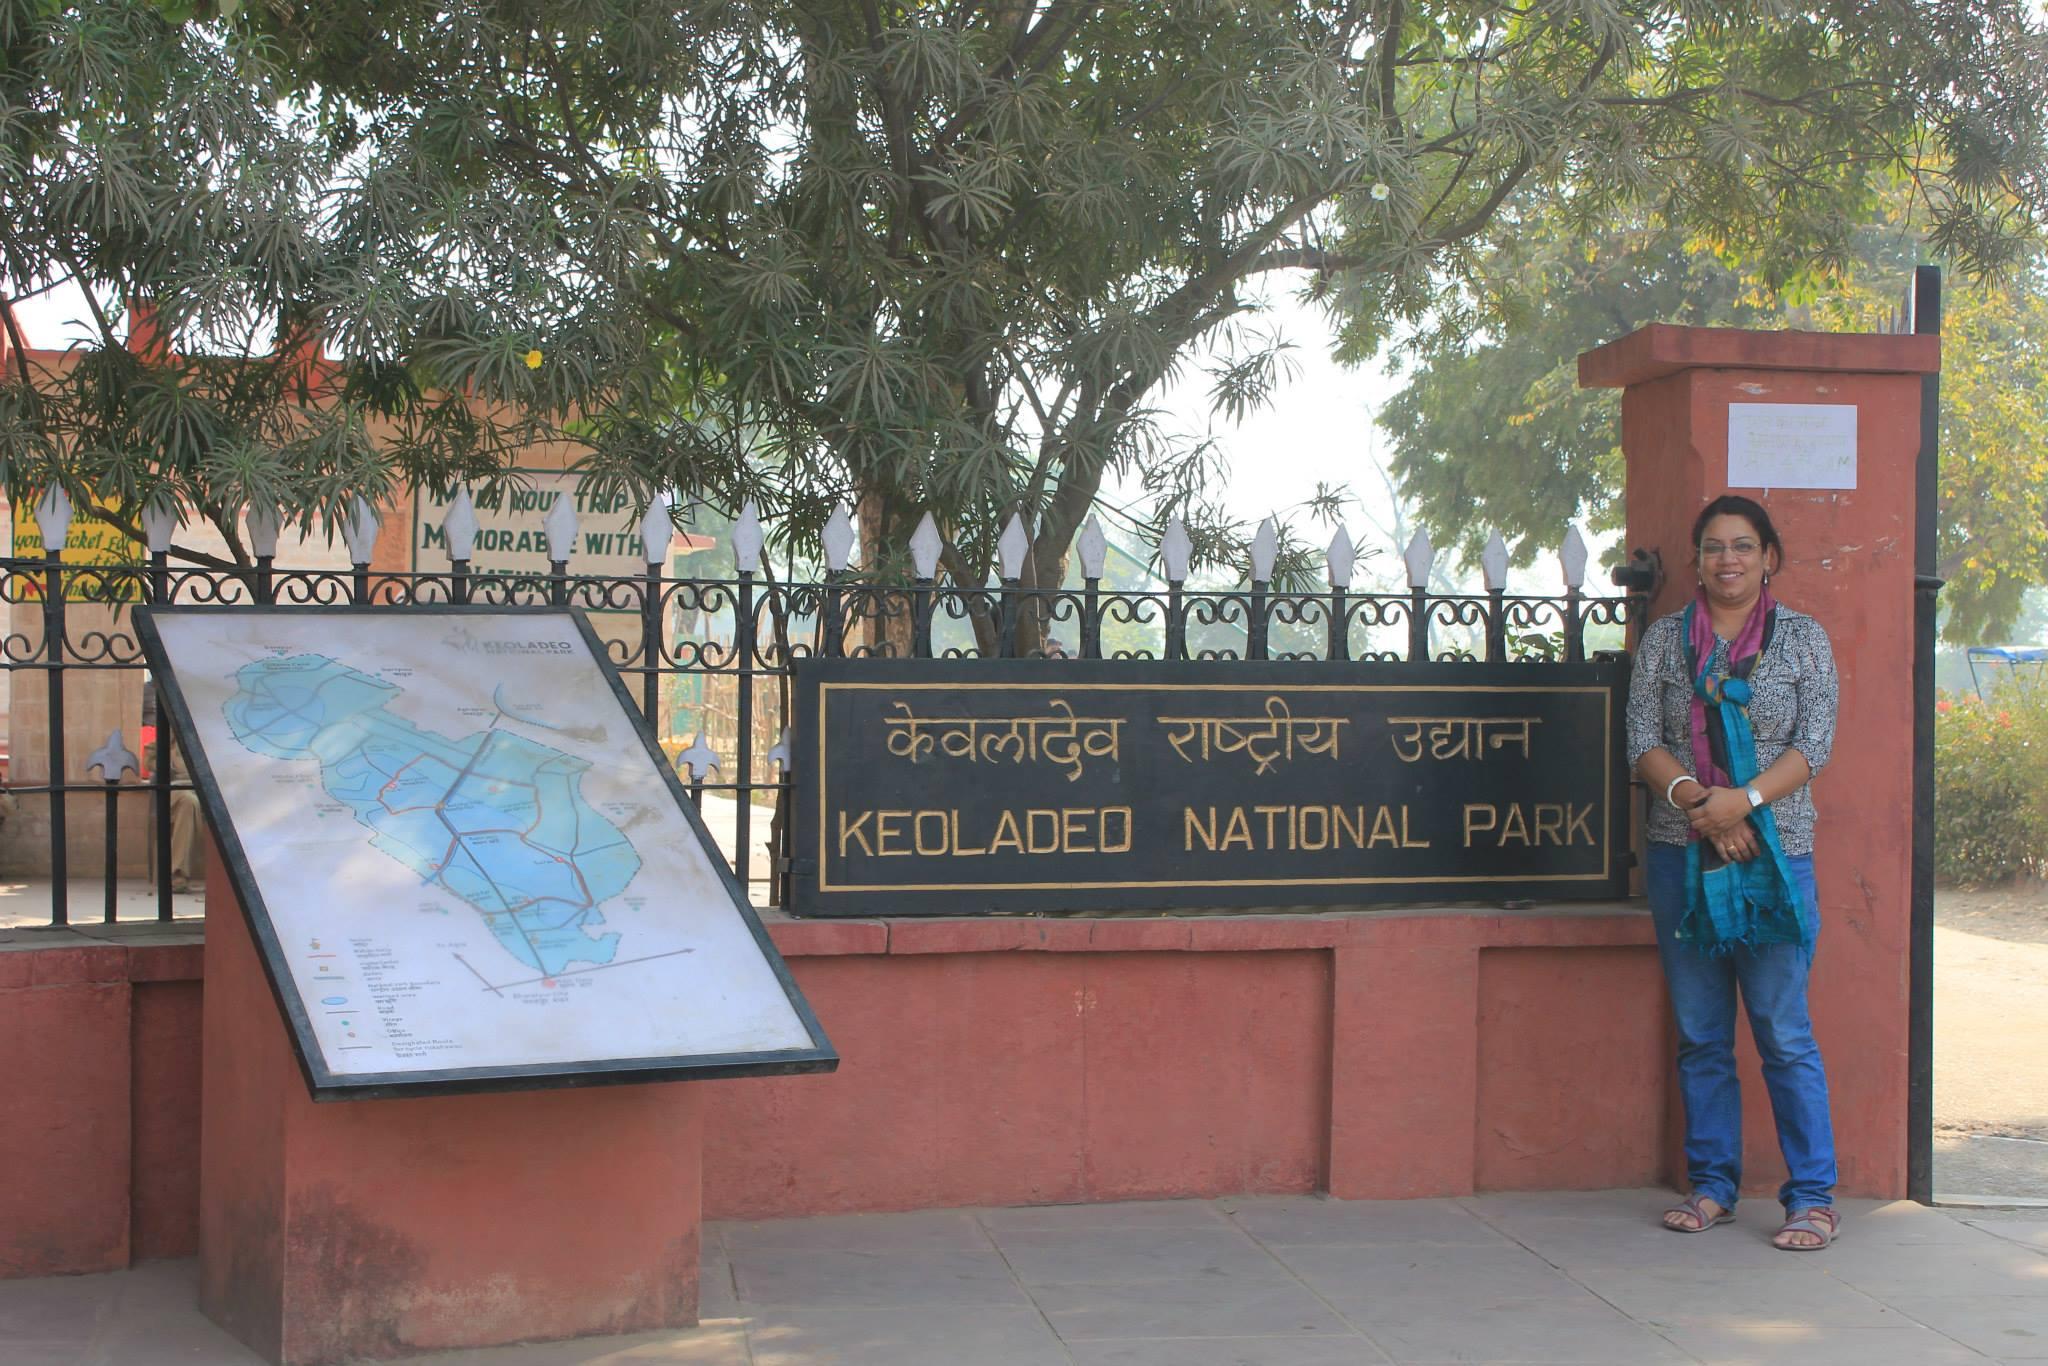 Sanghamitra Jayant